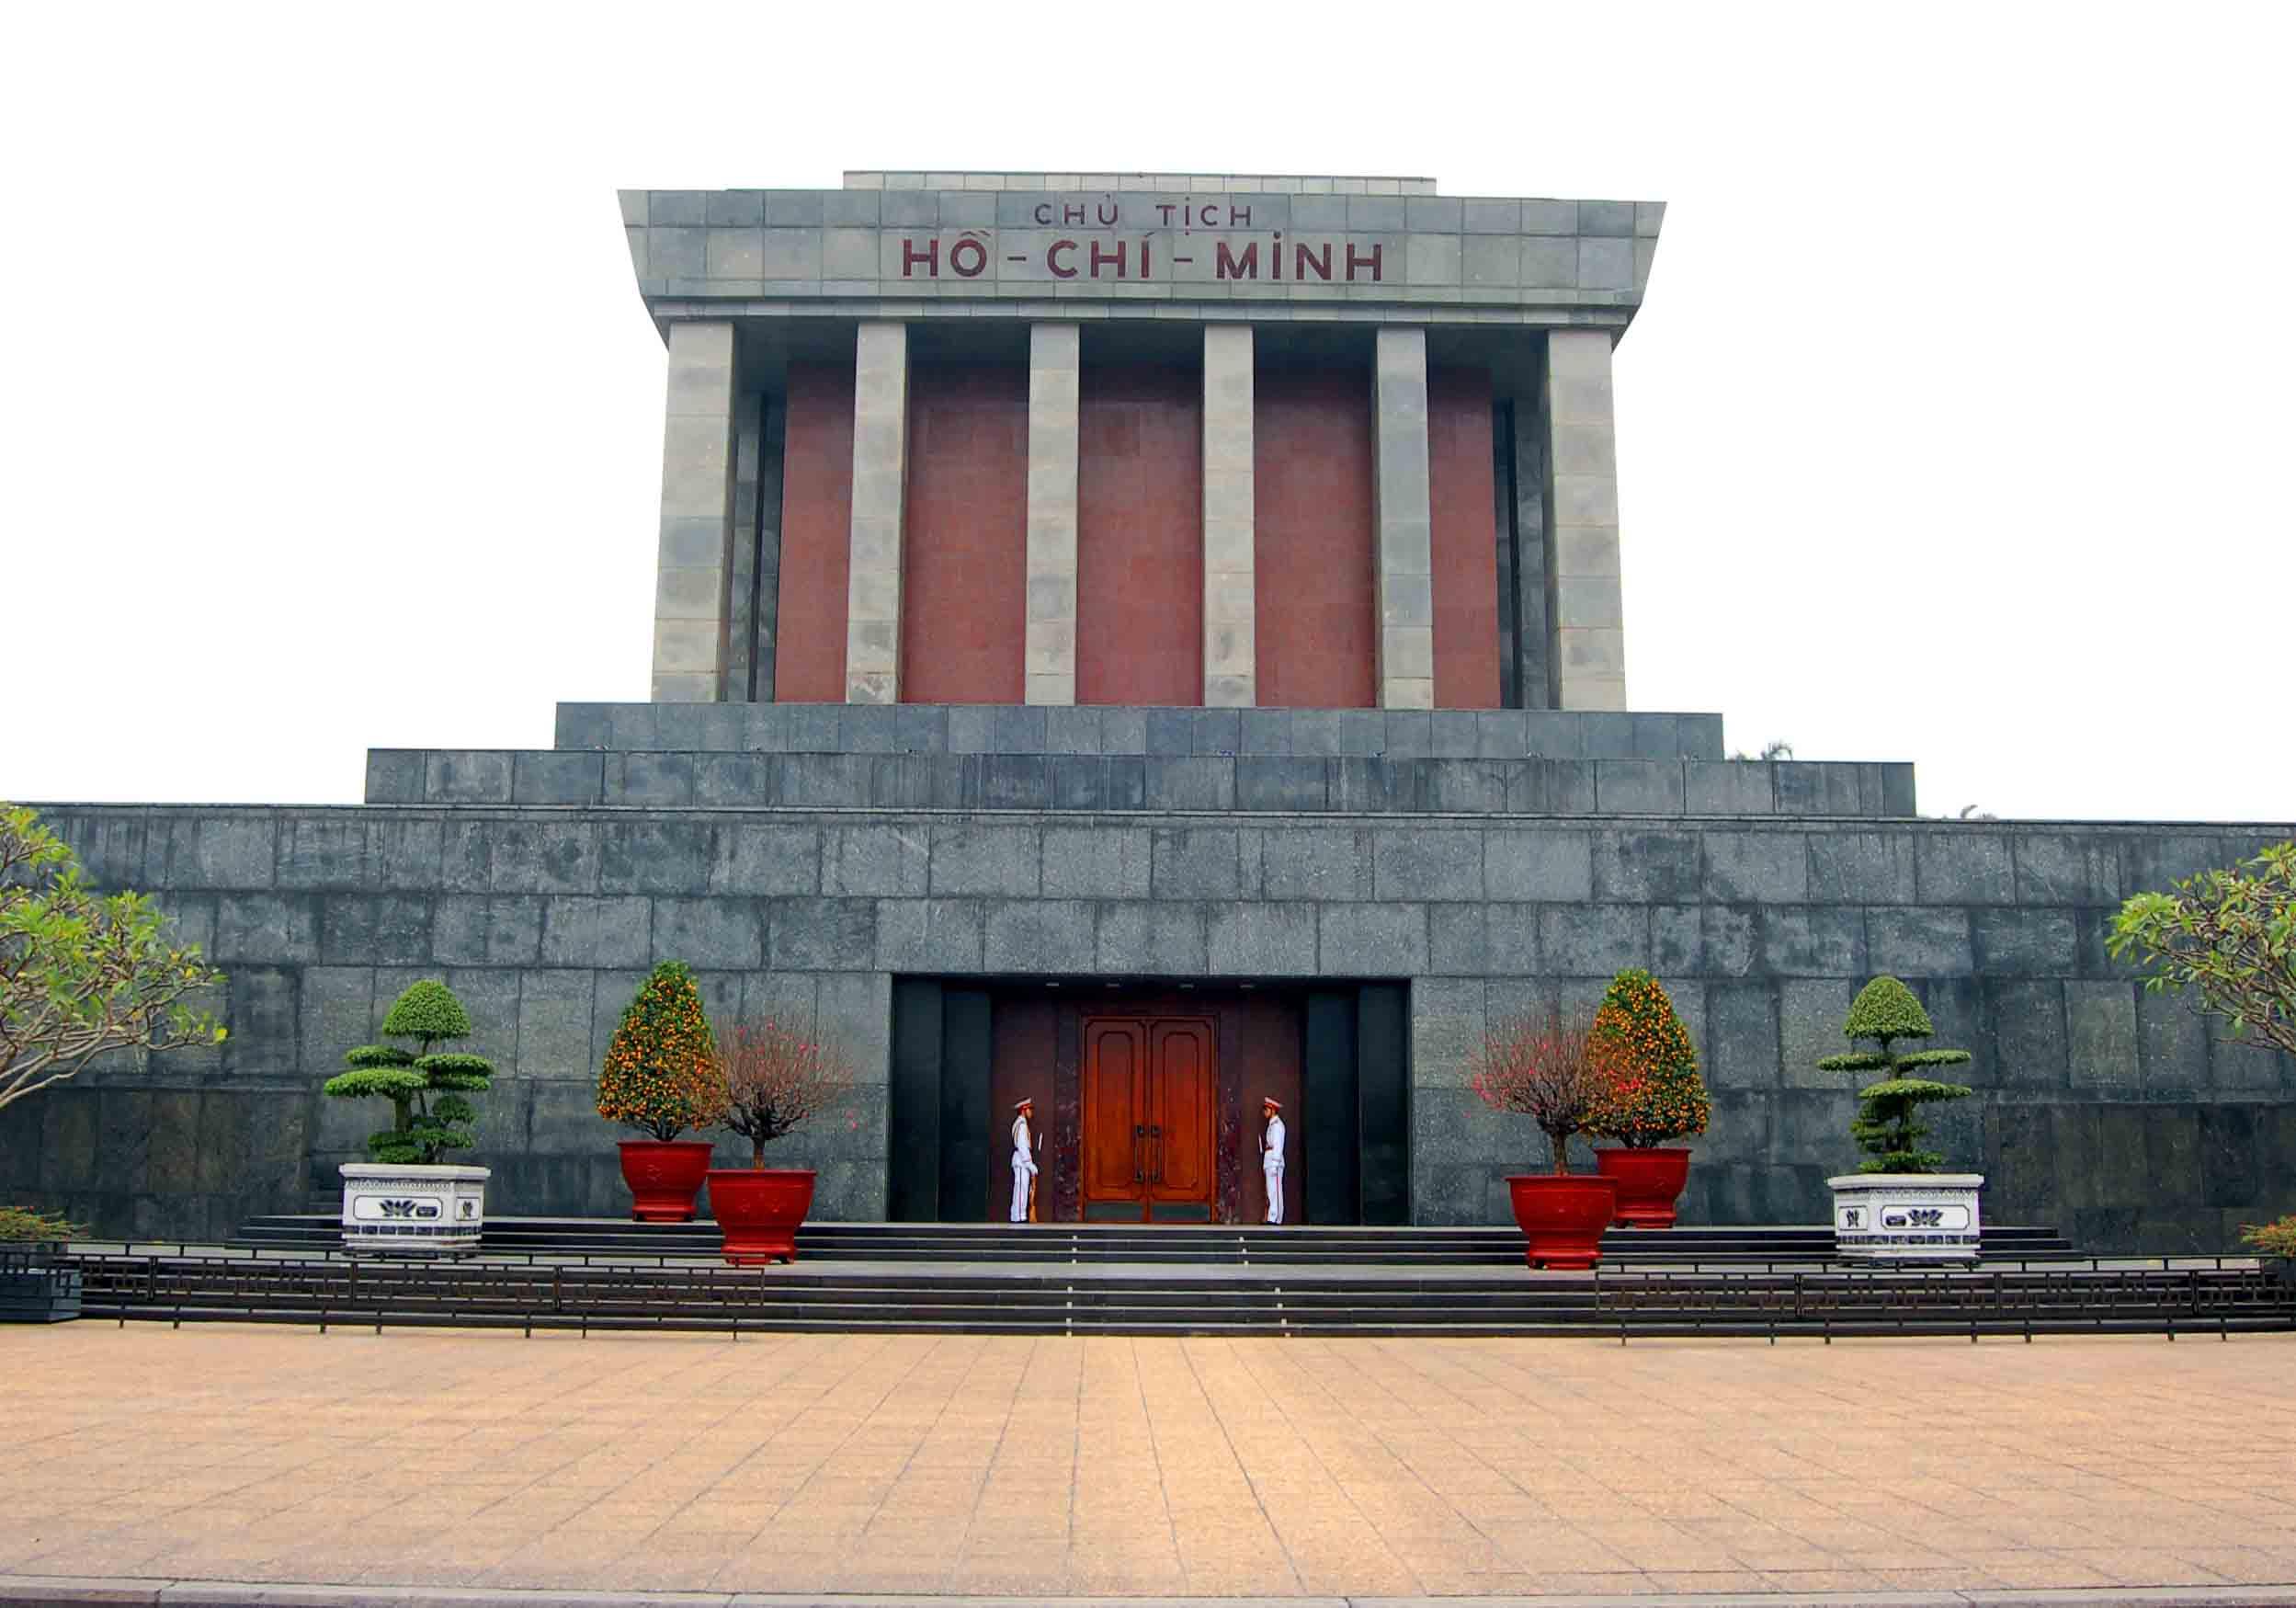 Lăng Chủ tịch Hồ Chí Minh - Tour du lịch Hà Nội - Hạ Long - Sa Pa 5N4D